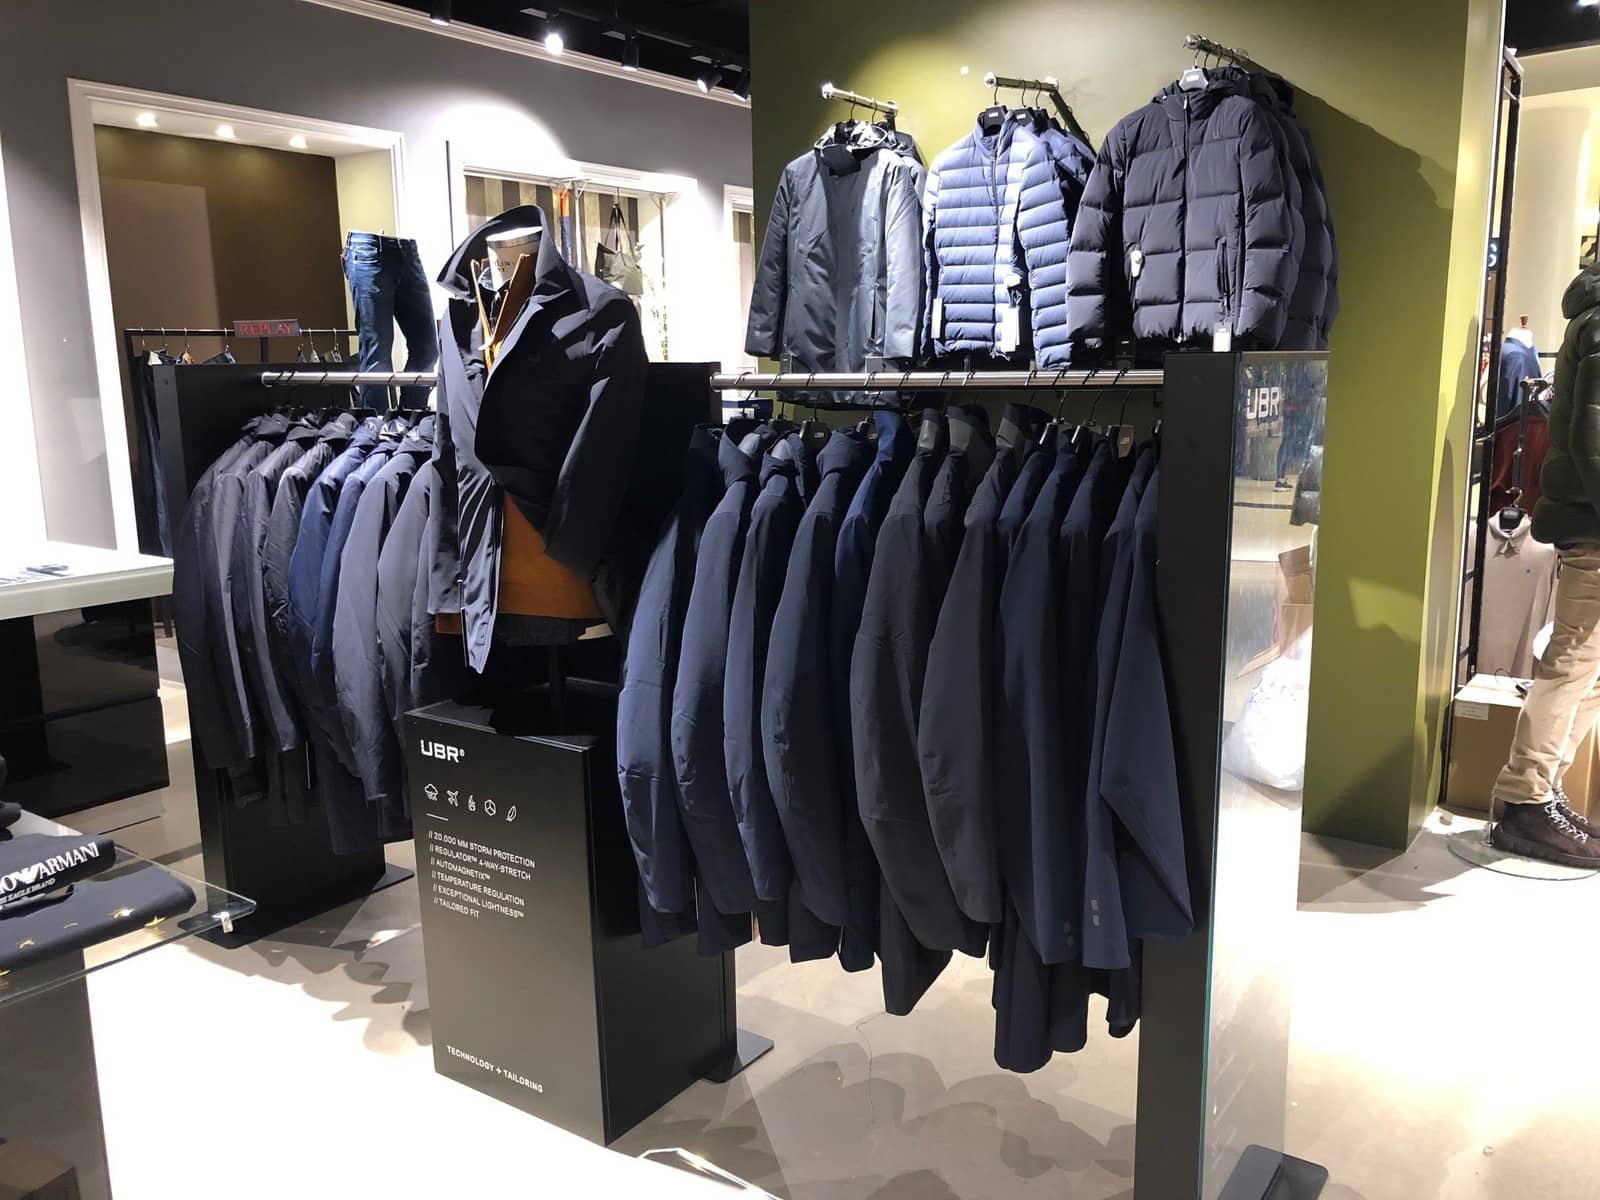 UBR® – Shopsystem für Premium Funktionsjacken